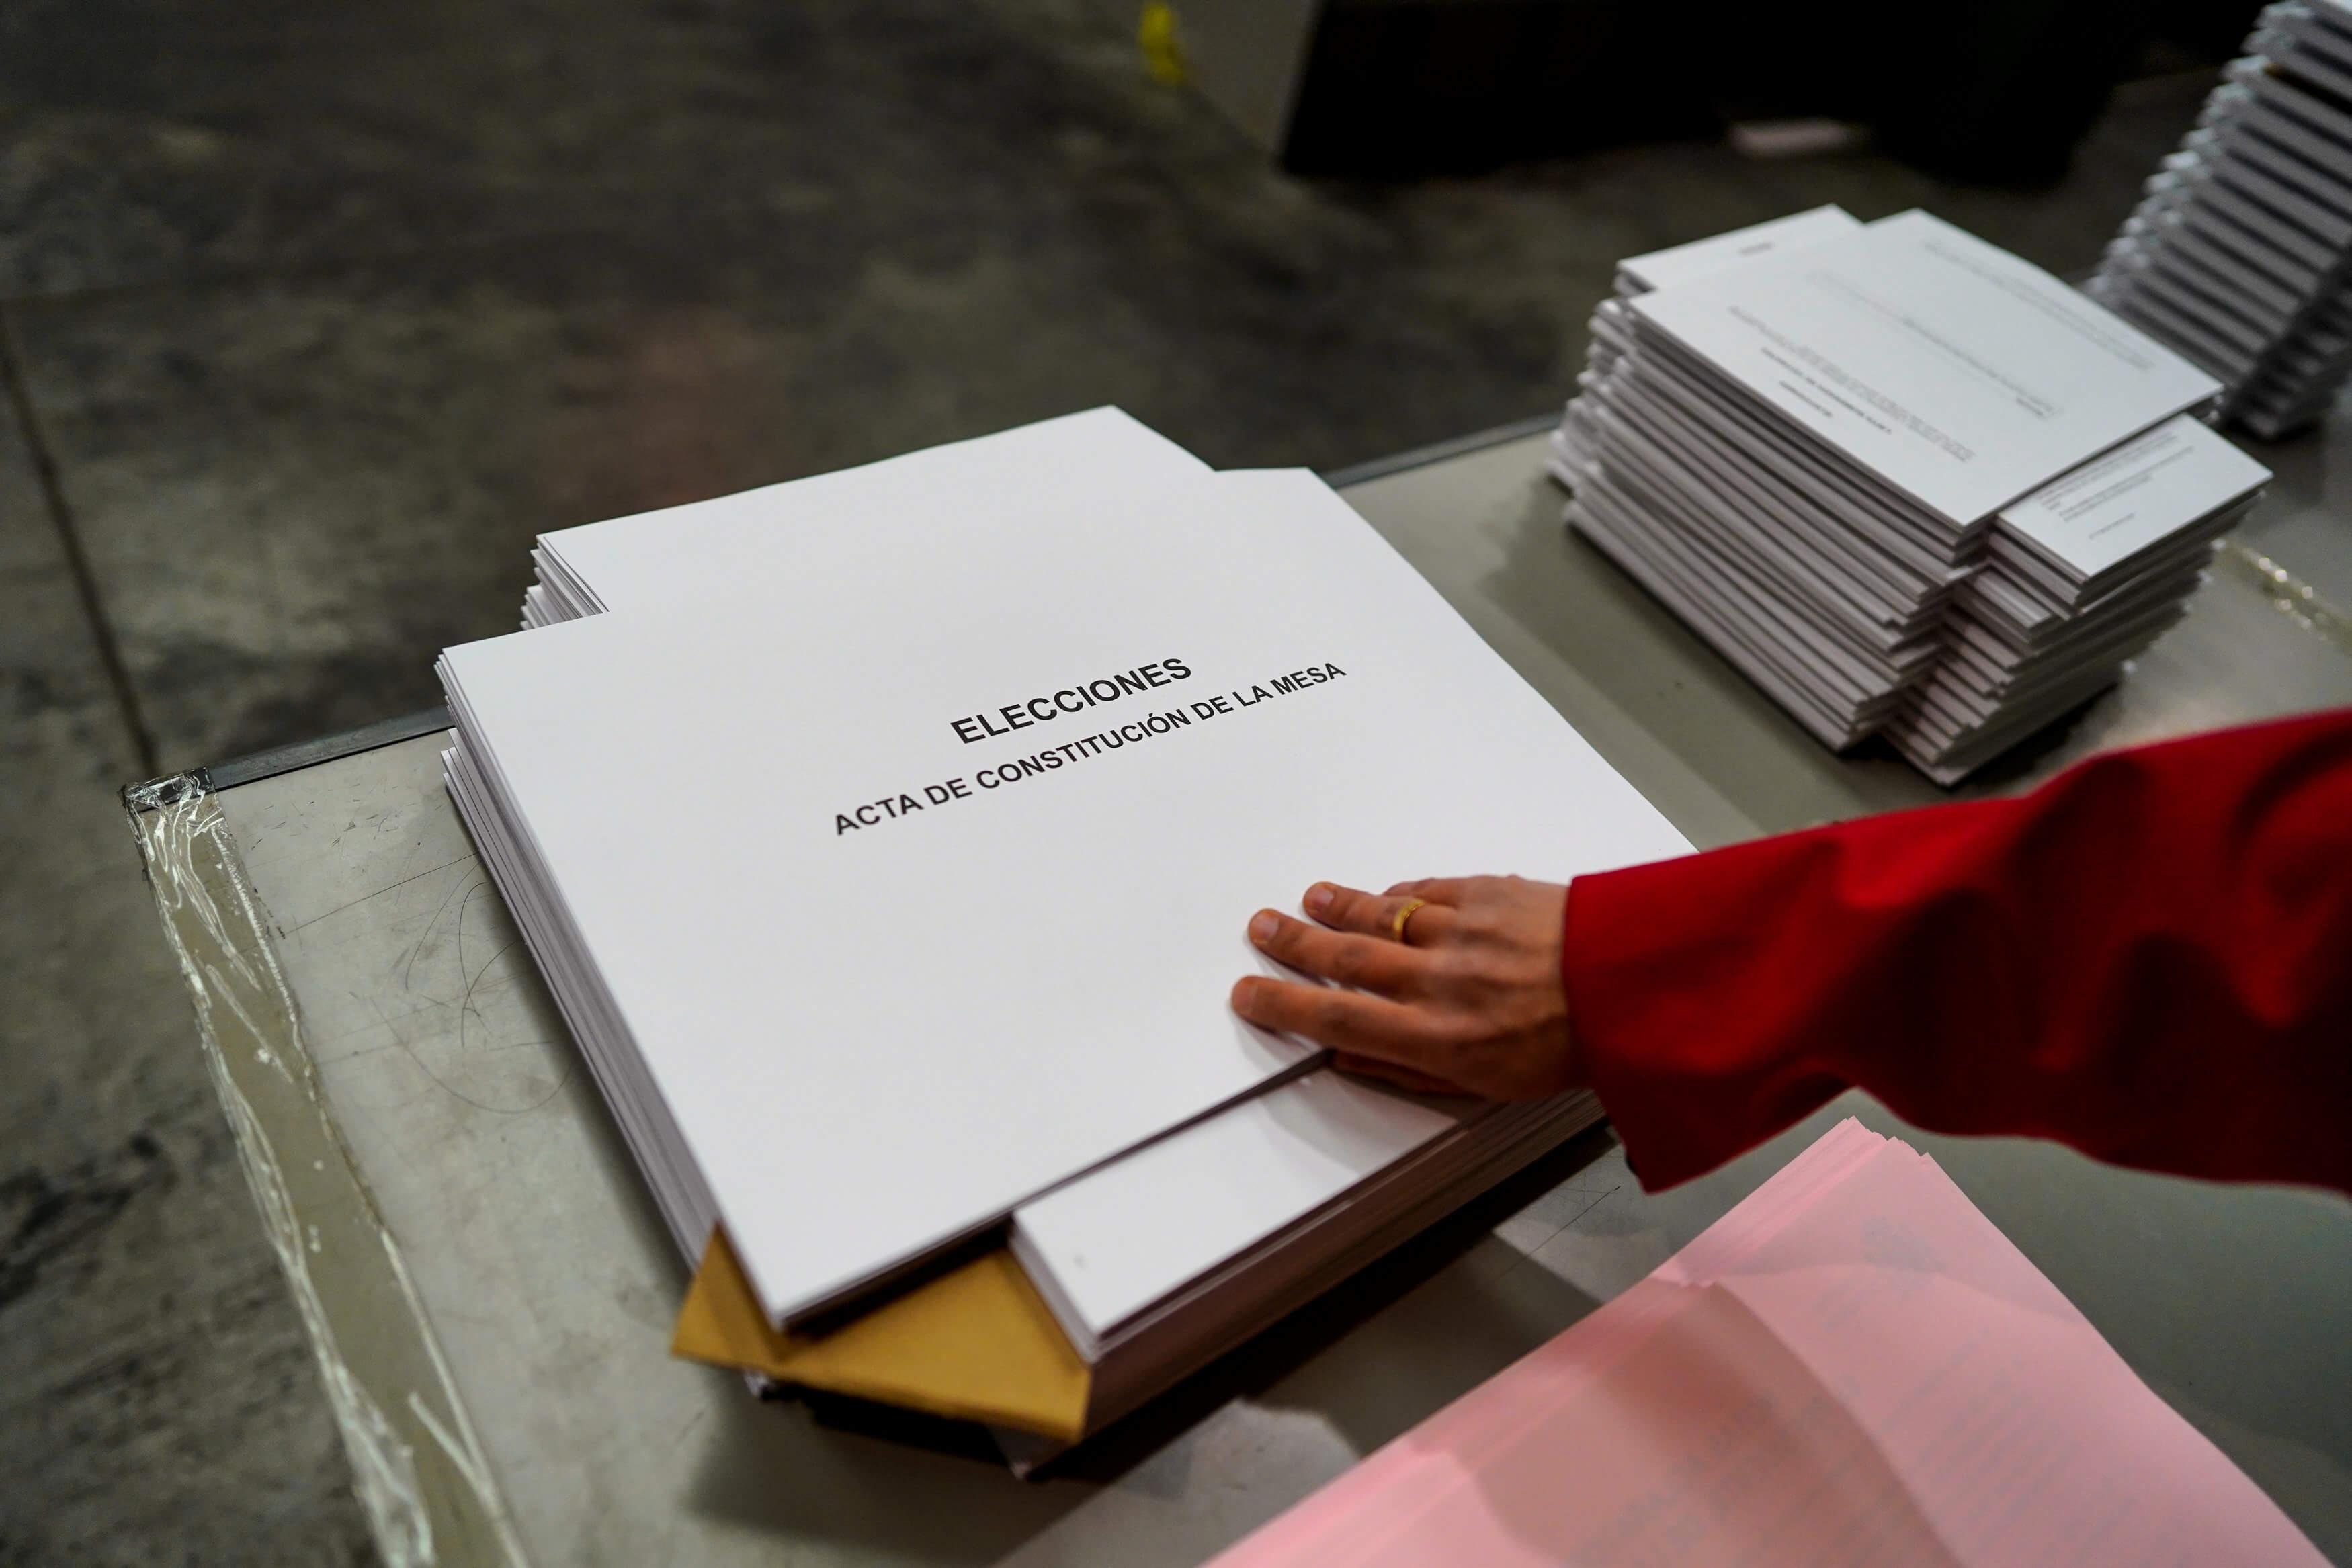 Ισπανία – Εκλογές: Το ακροδεξιό Vox και η Καταλονία οι καθοριστικοί παράγοντες